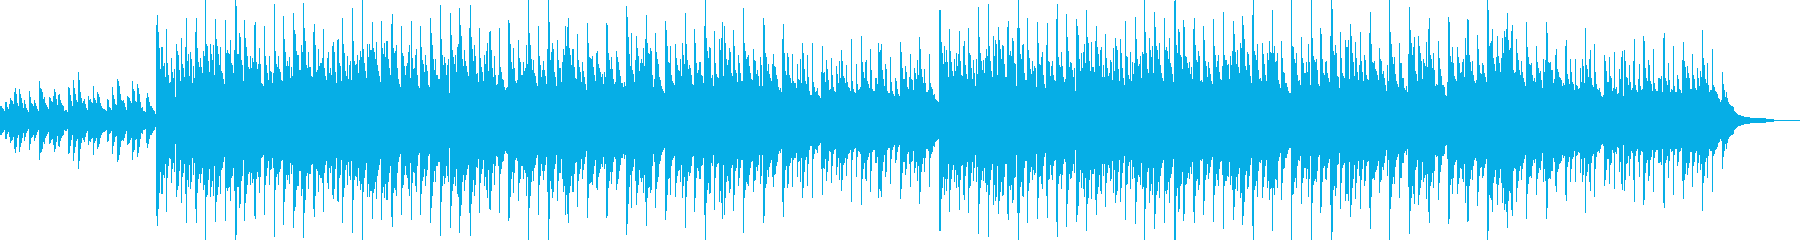 どこか懐かしい昭和の雰囲気のBGMの再生済みの波形